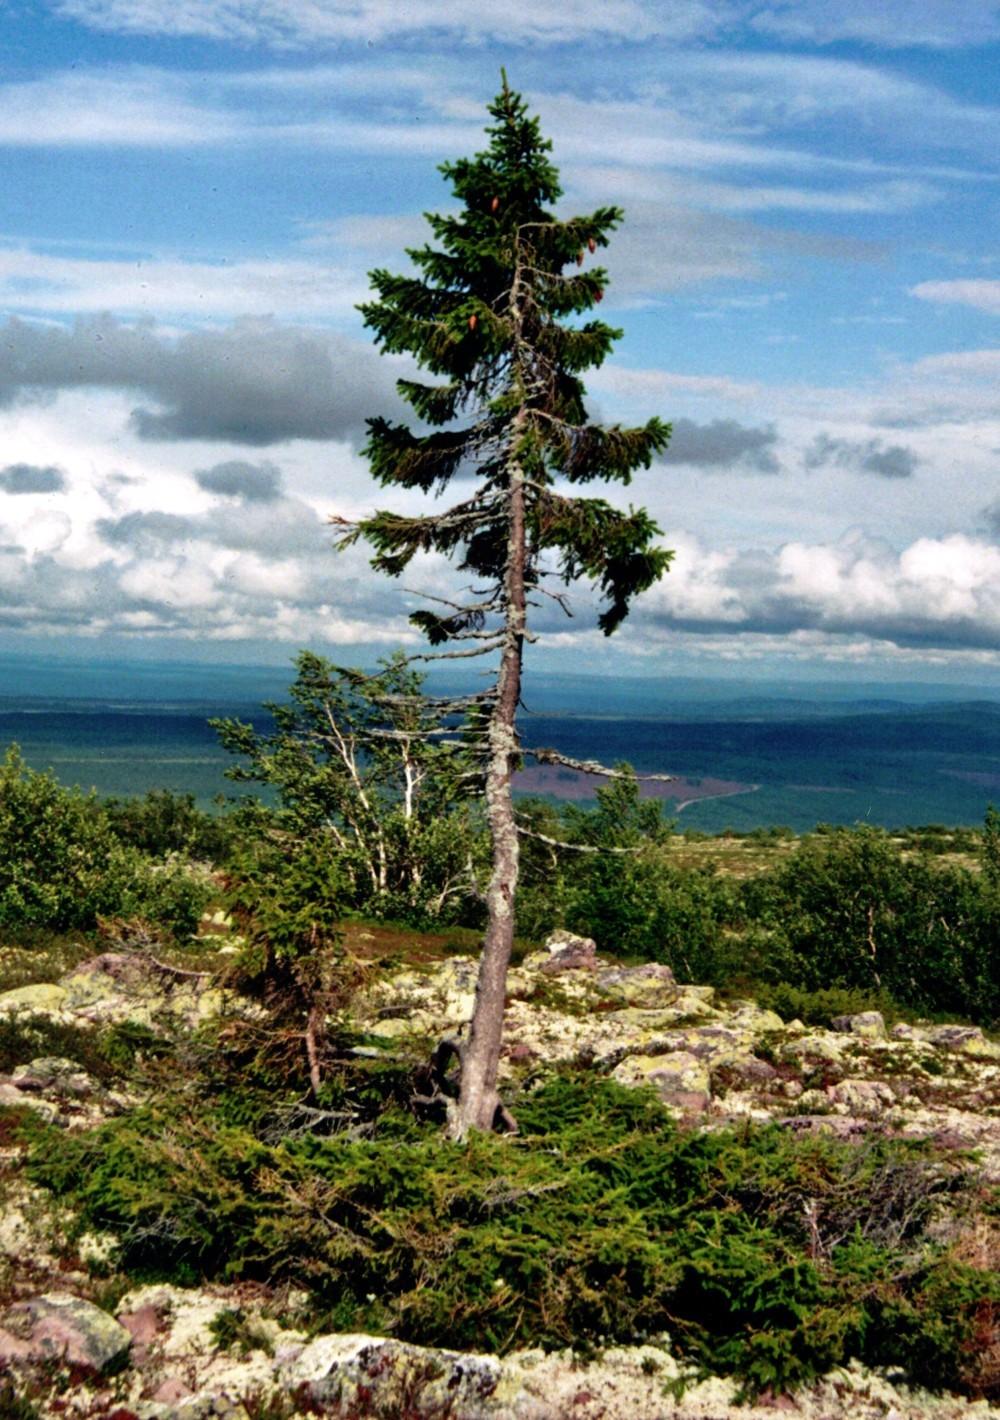 Учёные нашли старейшее дерево в Европе, которому 1075 лет - 3